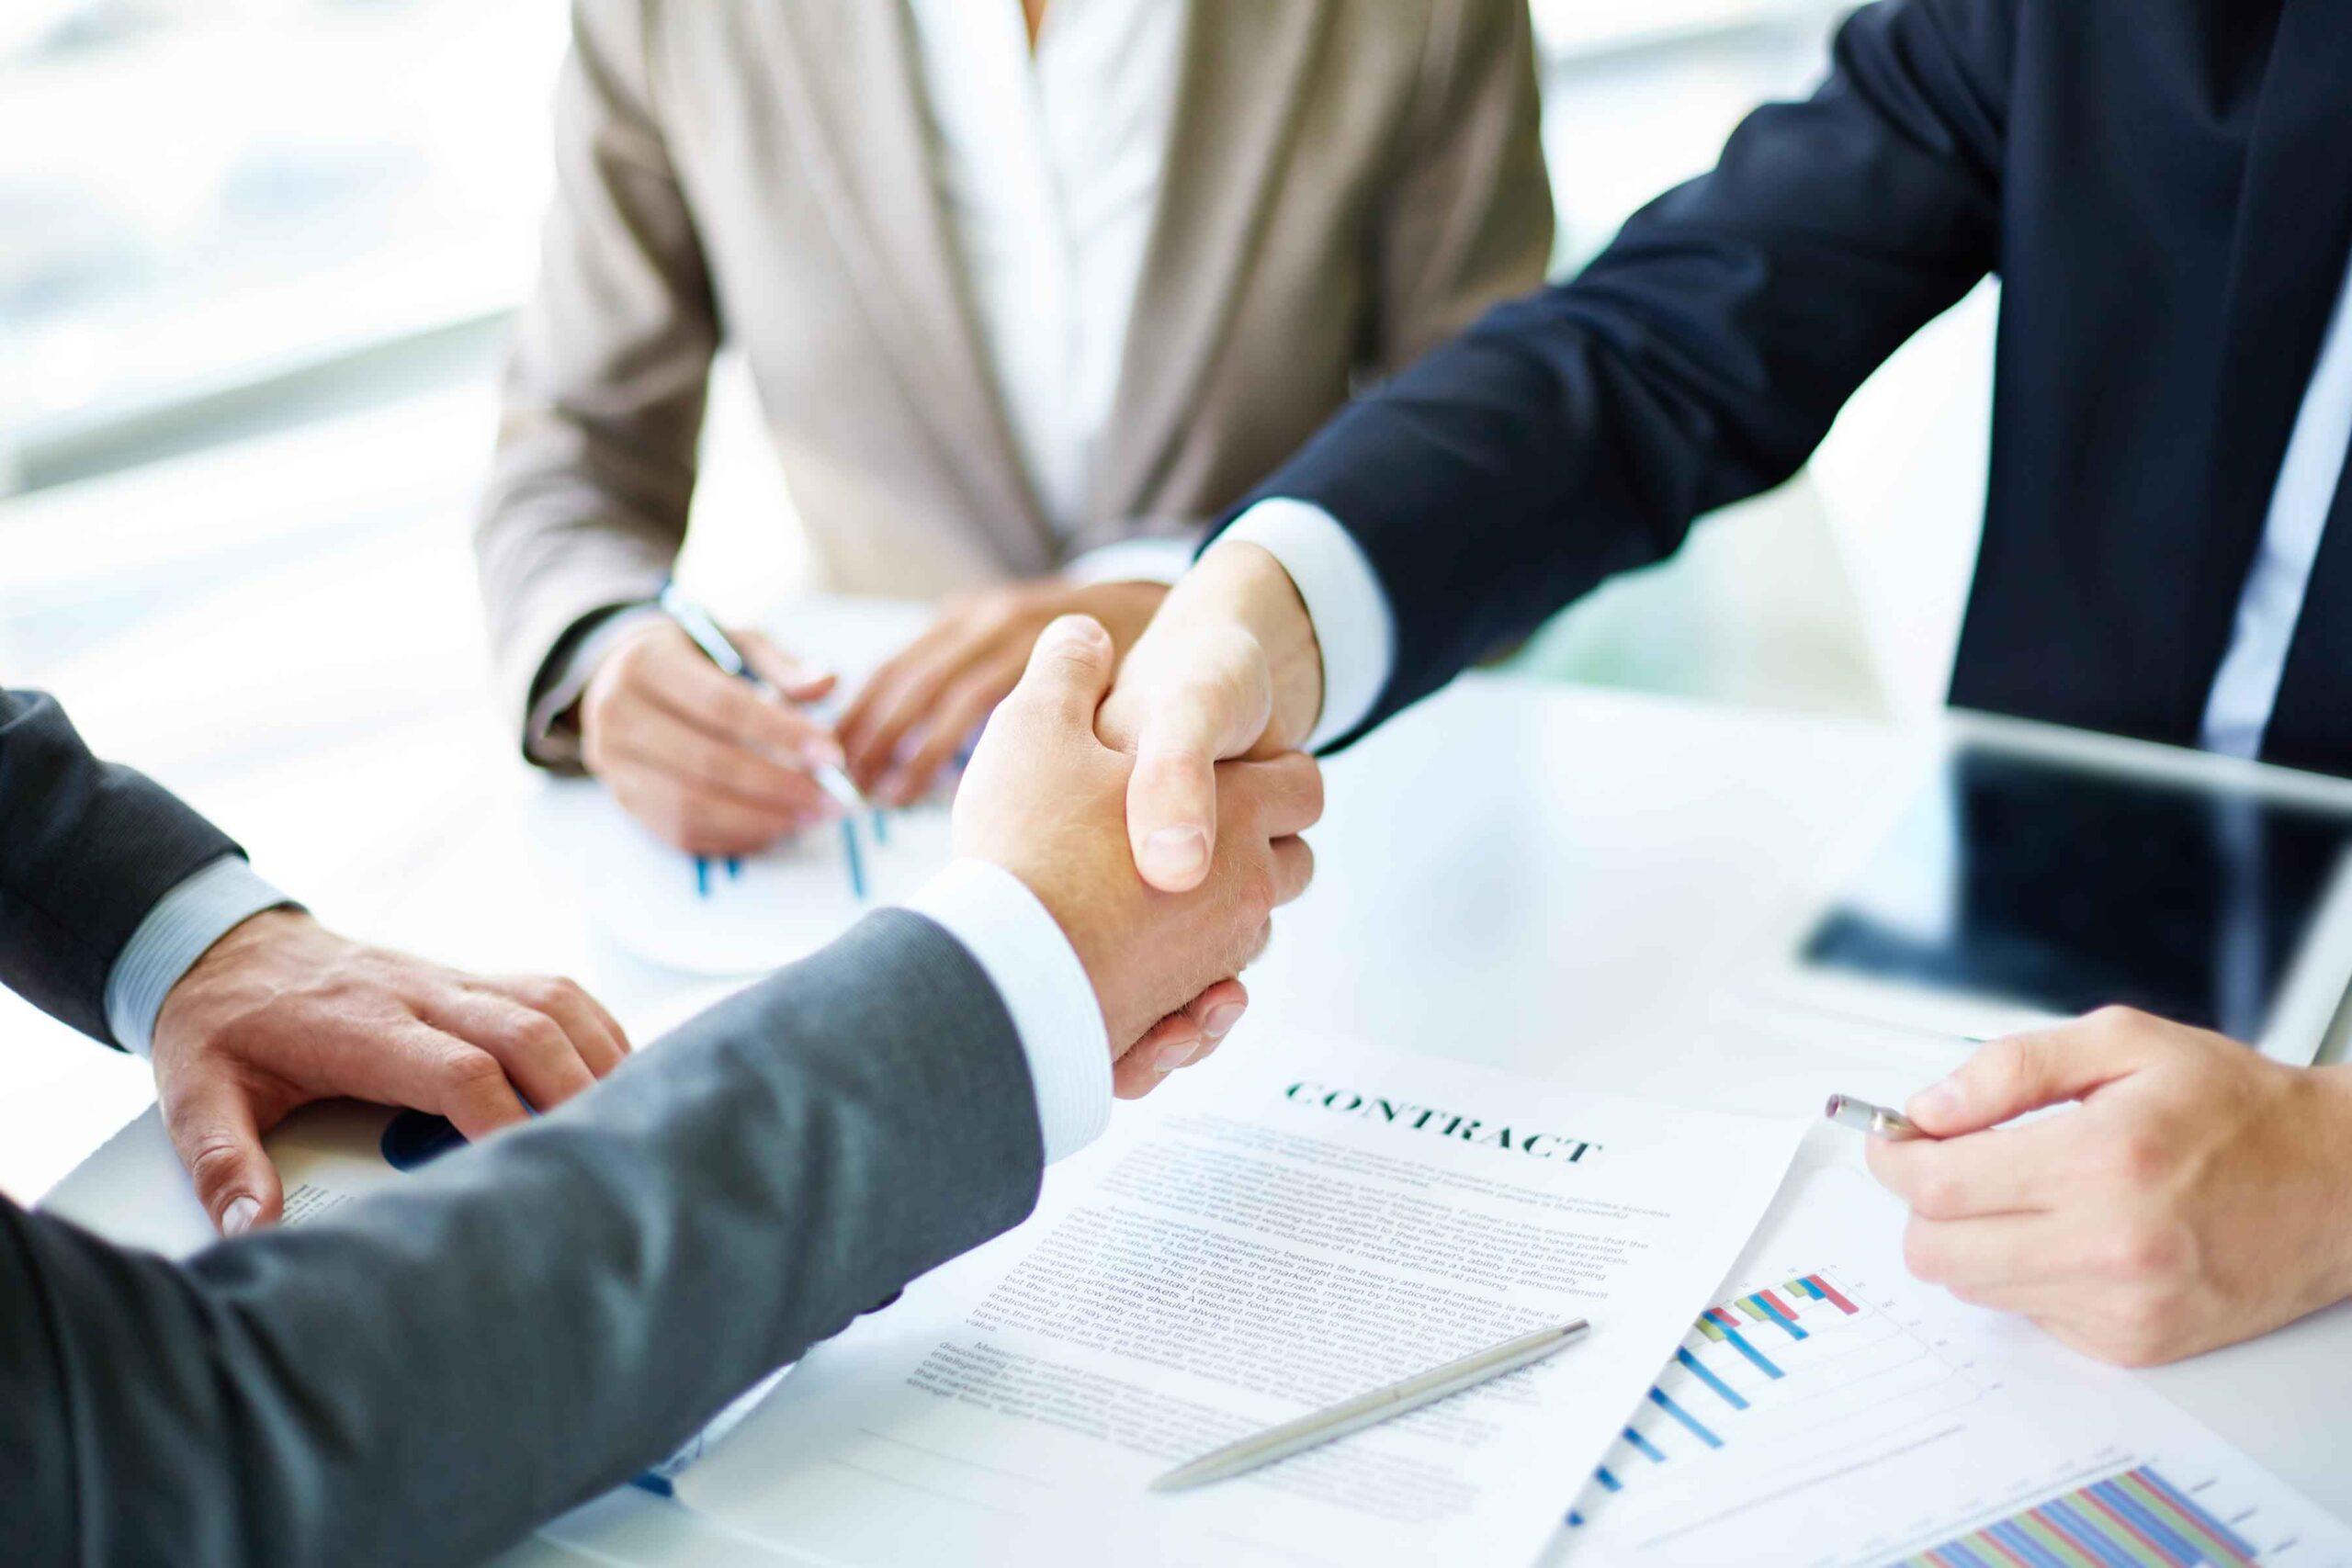 Making poslovno savetovanje u oblasti hotelijerstva i ugostiteljstva